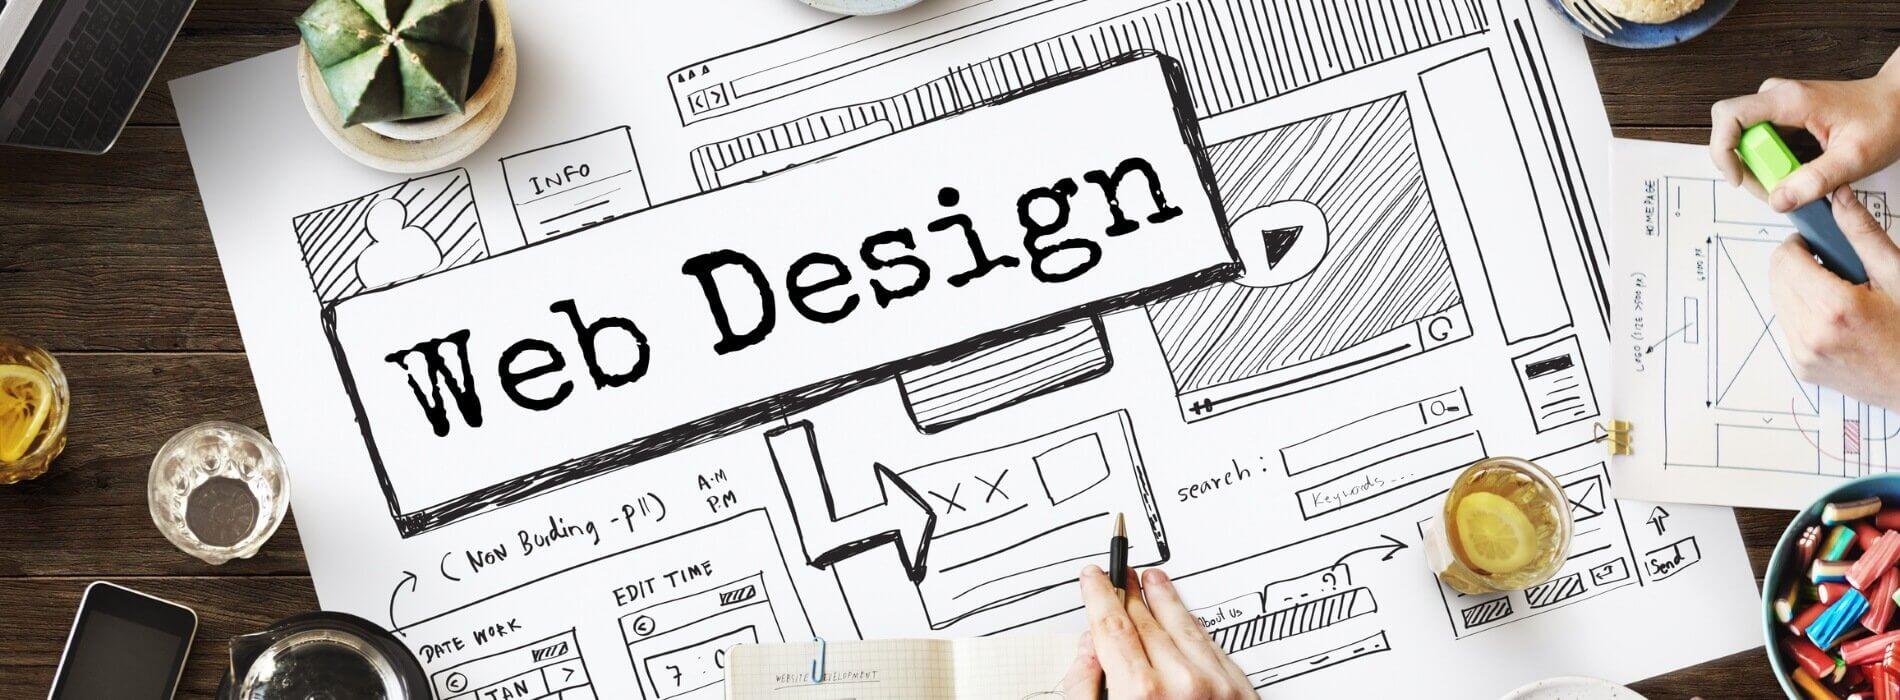 Webdesign für Erding